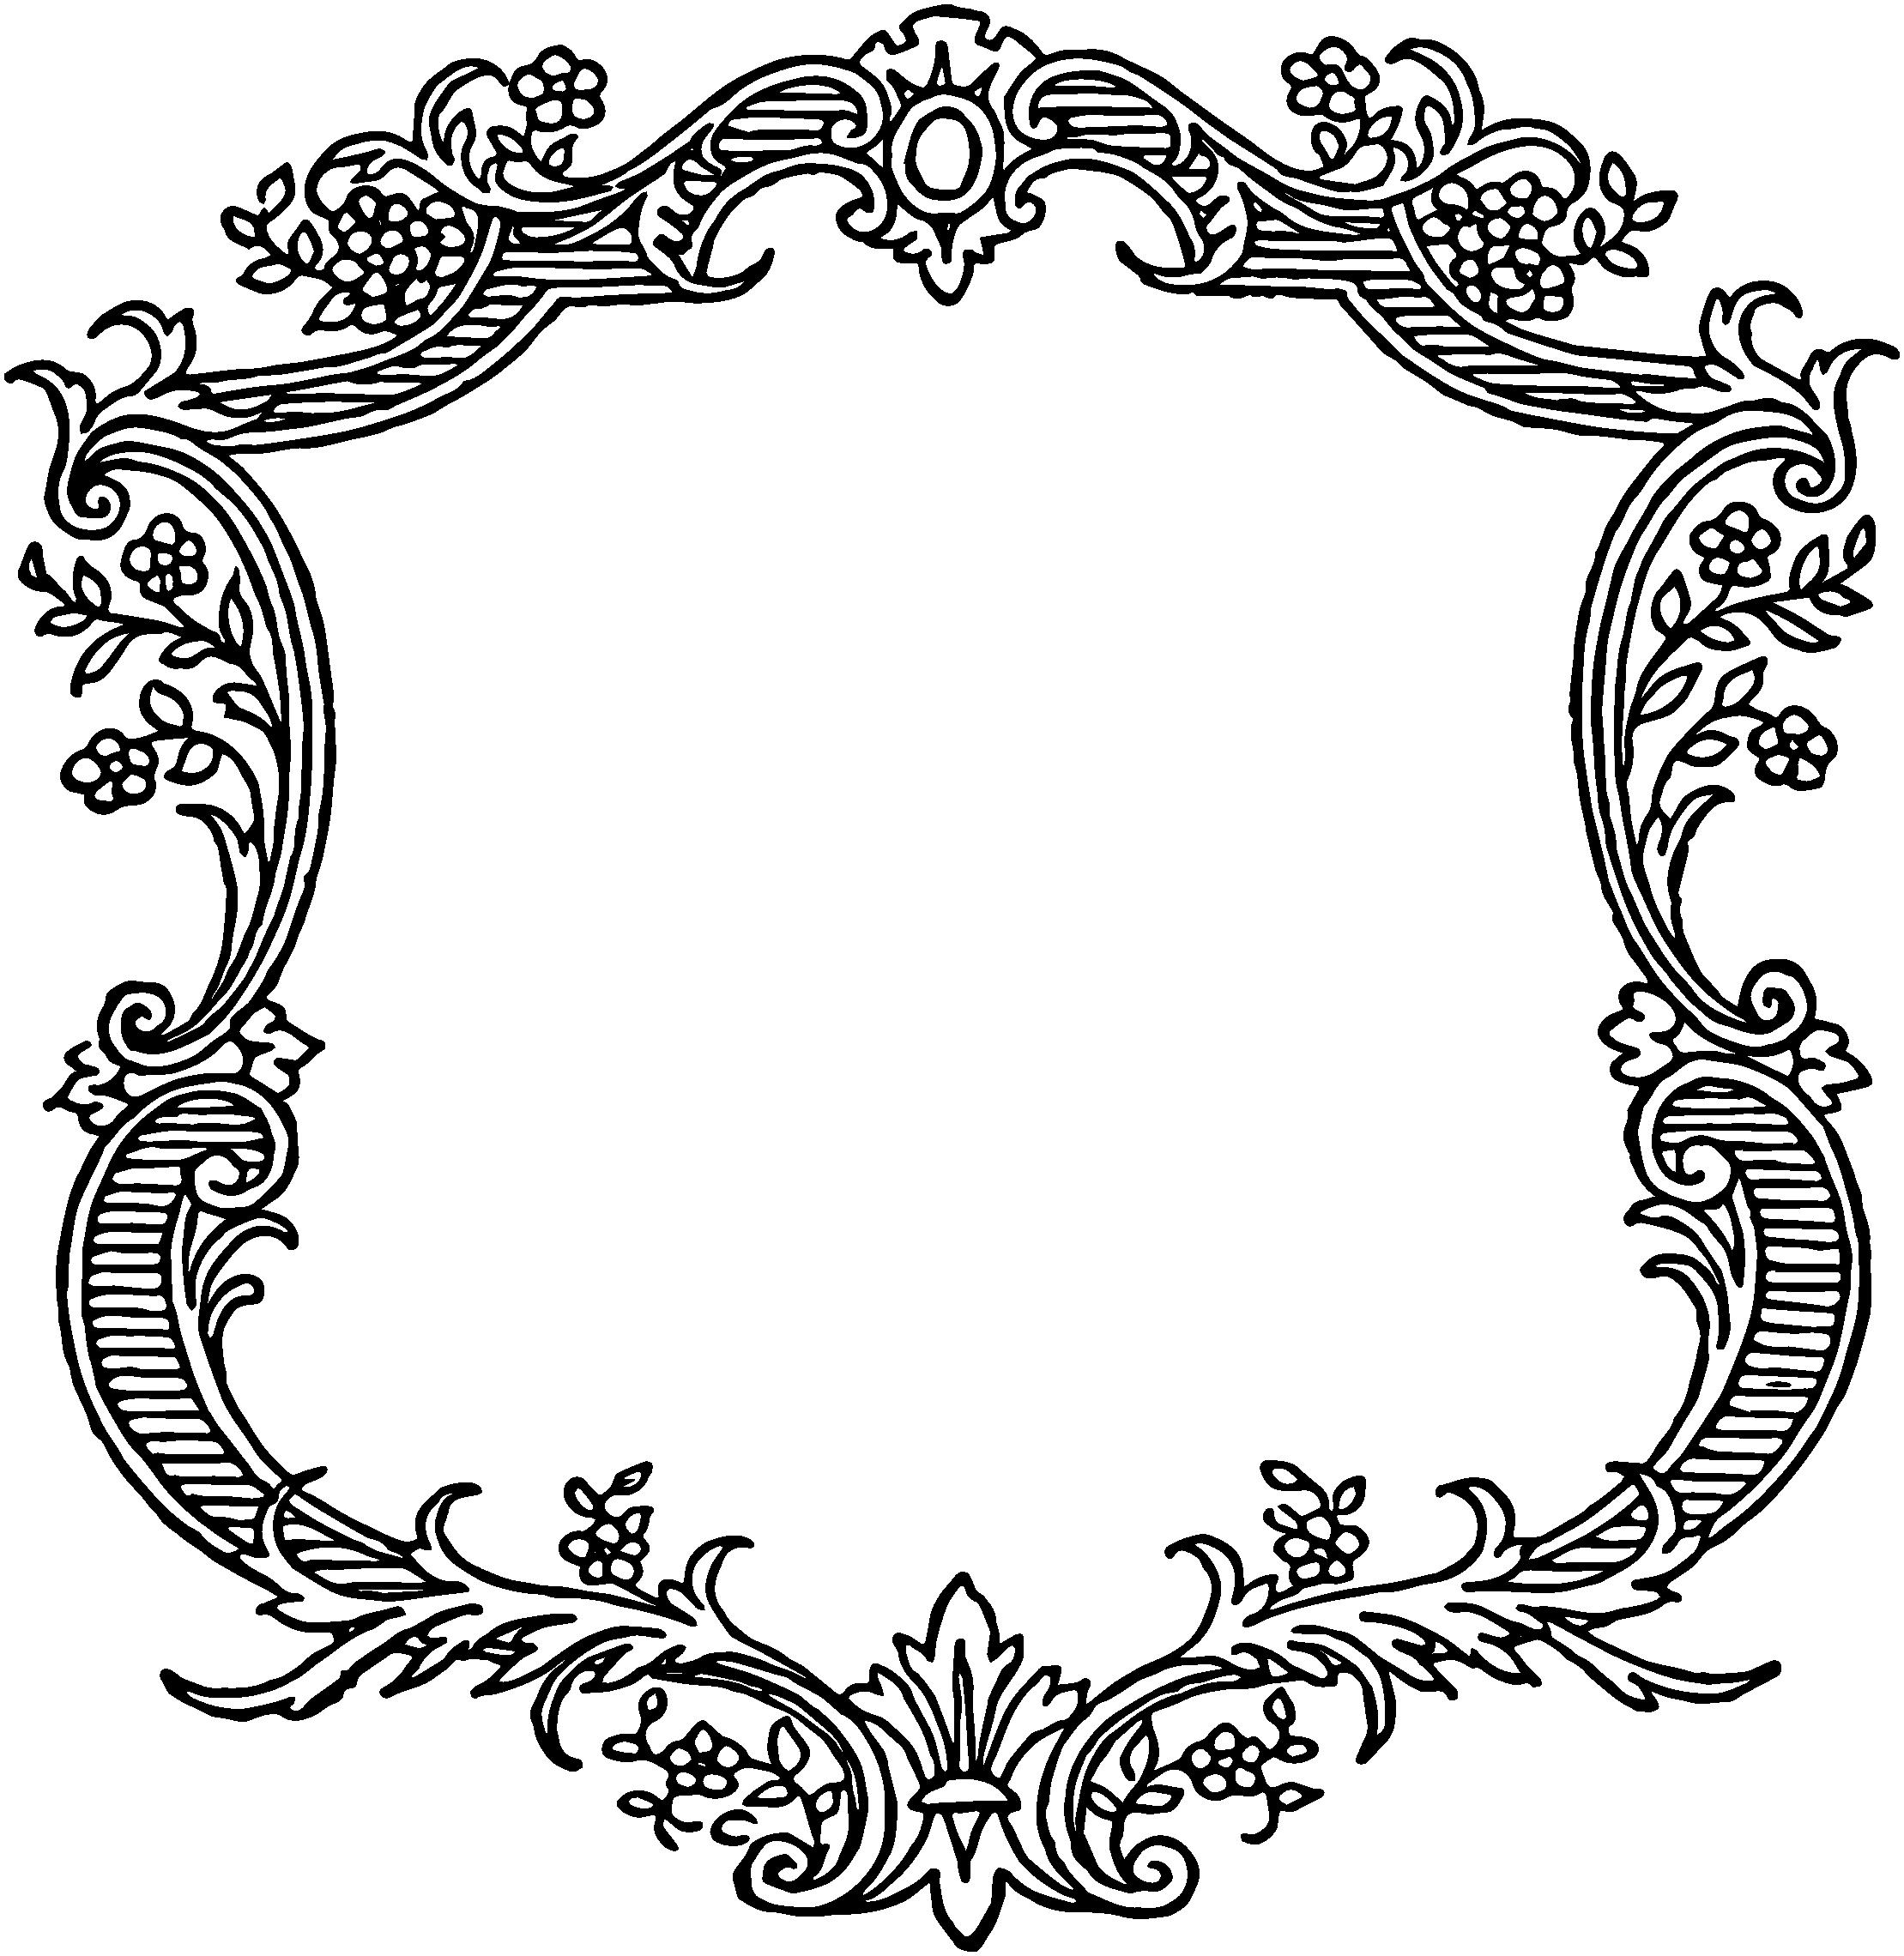 Resultado de imagem para border png free - Vector Frame PNG